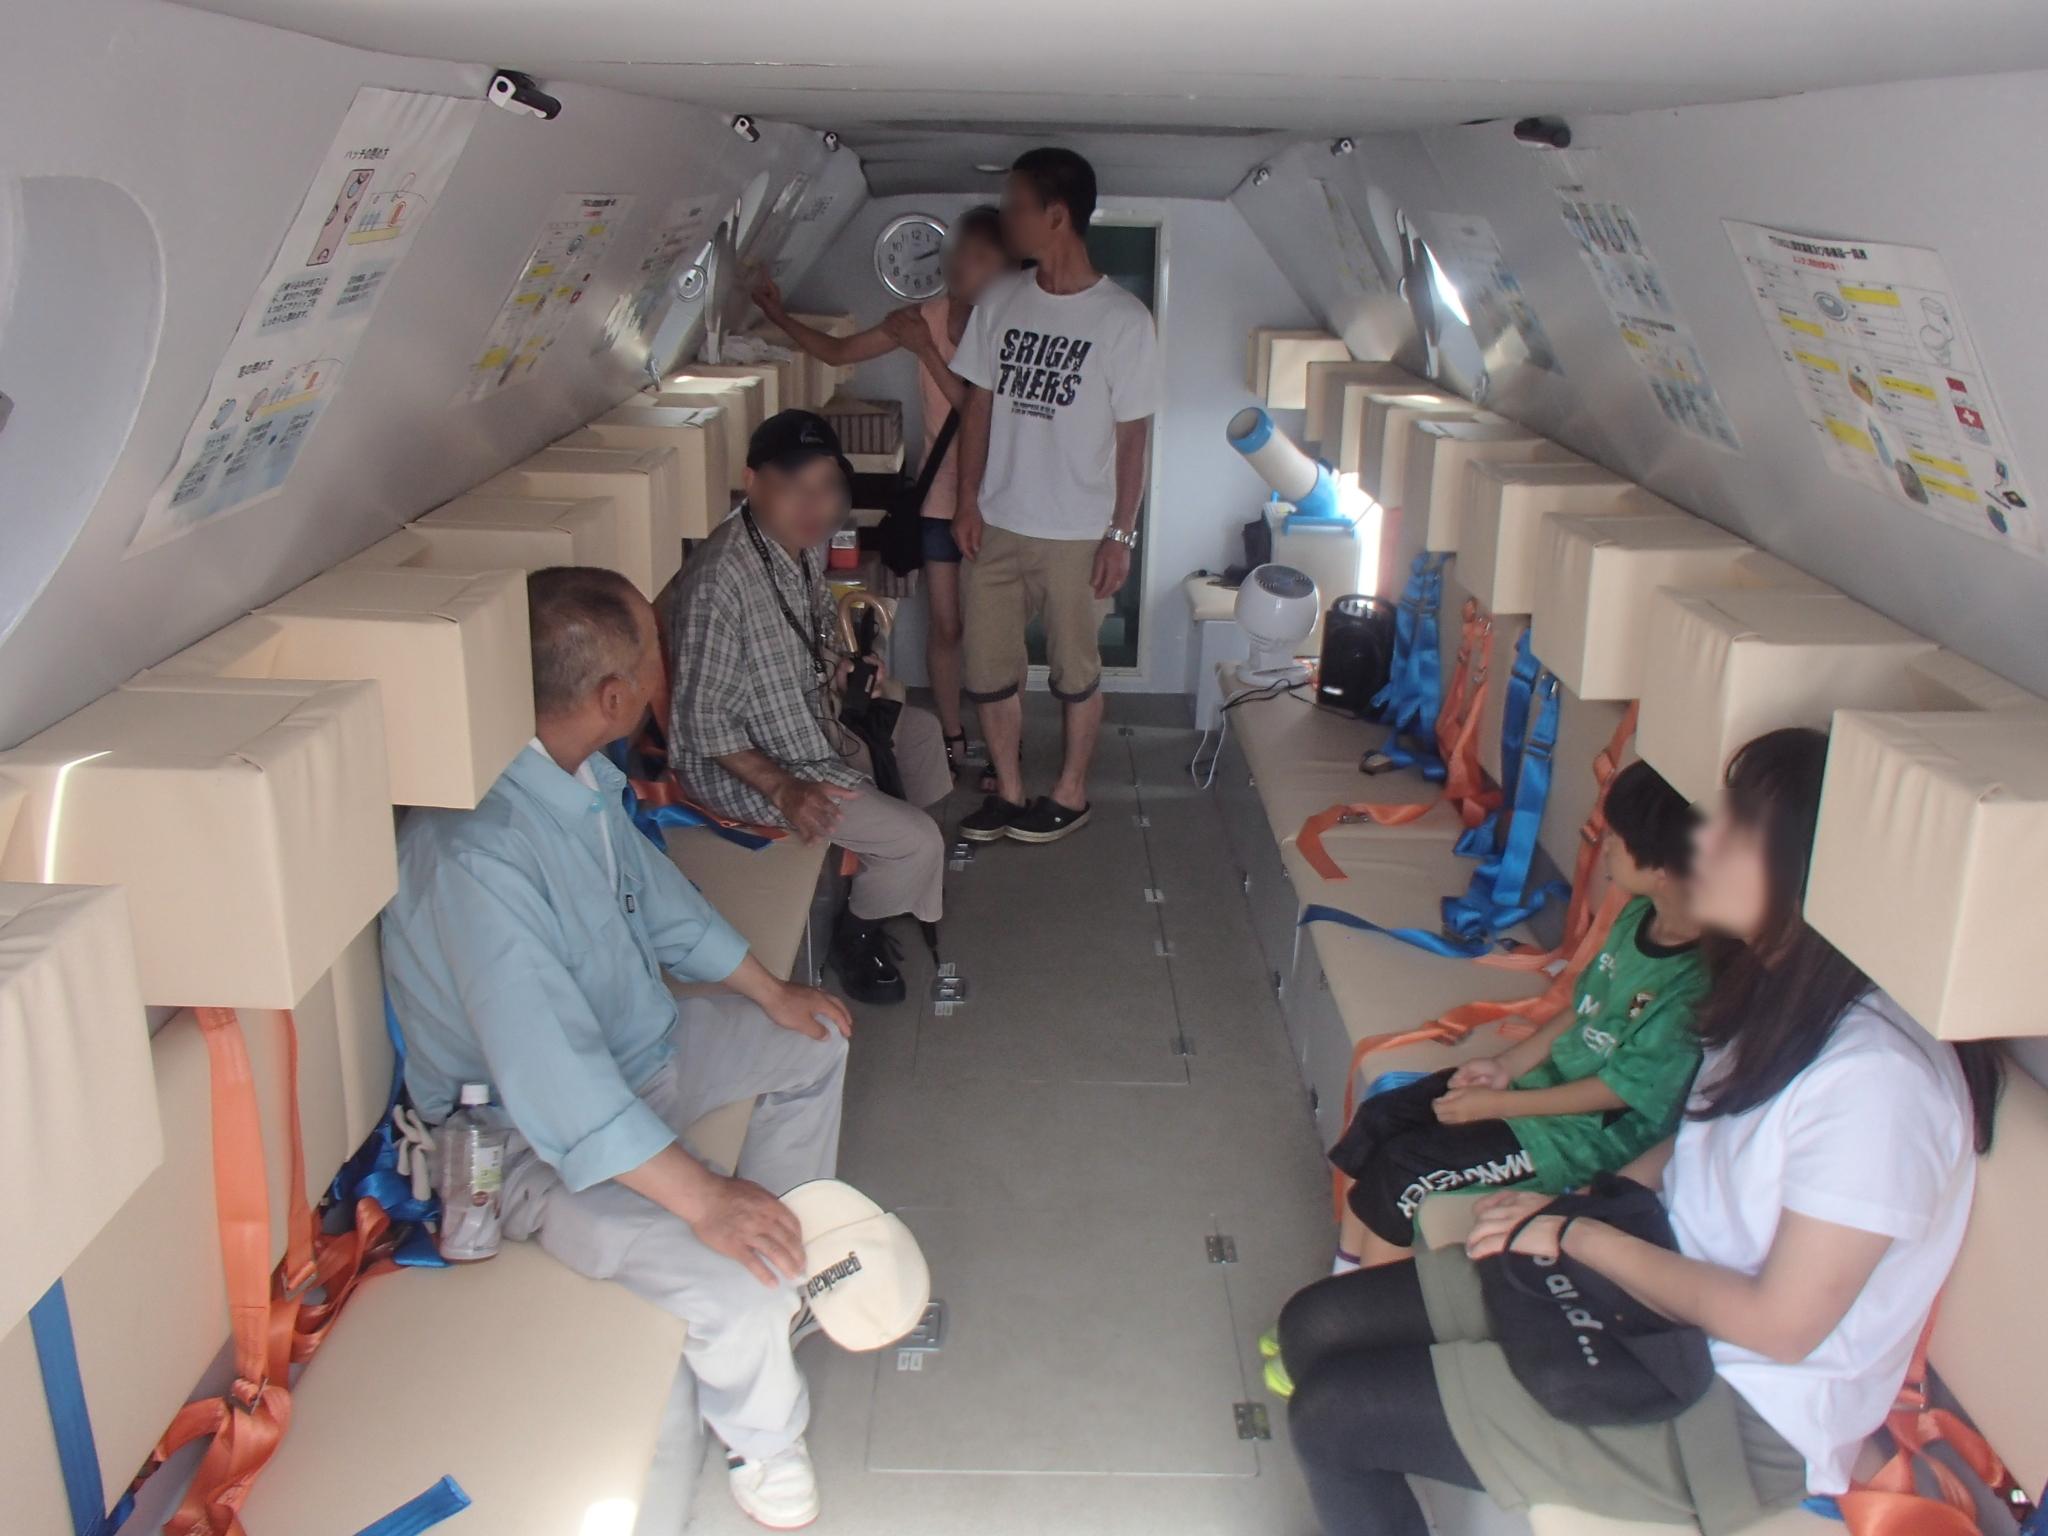 宮古市の三陸防災復興展示会で「津波シェルター」を体験